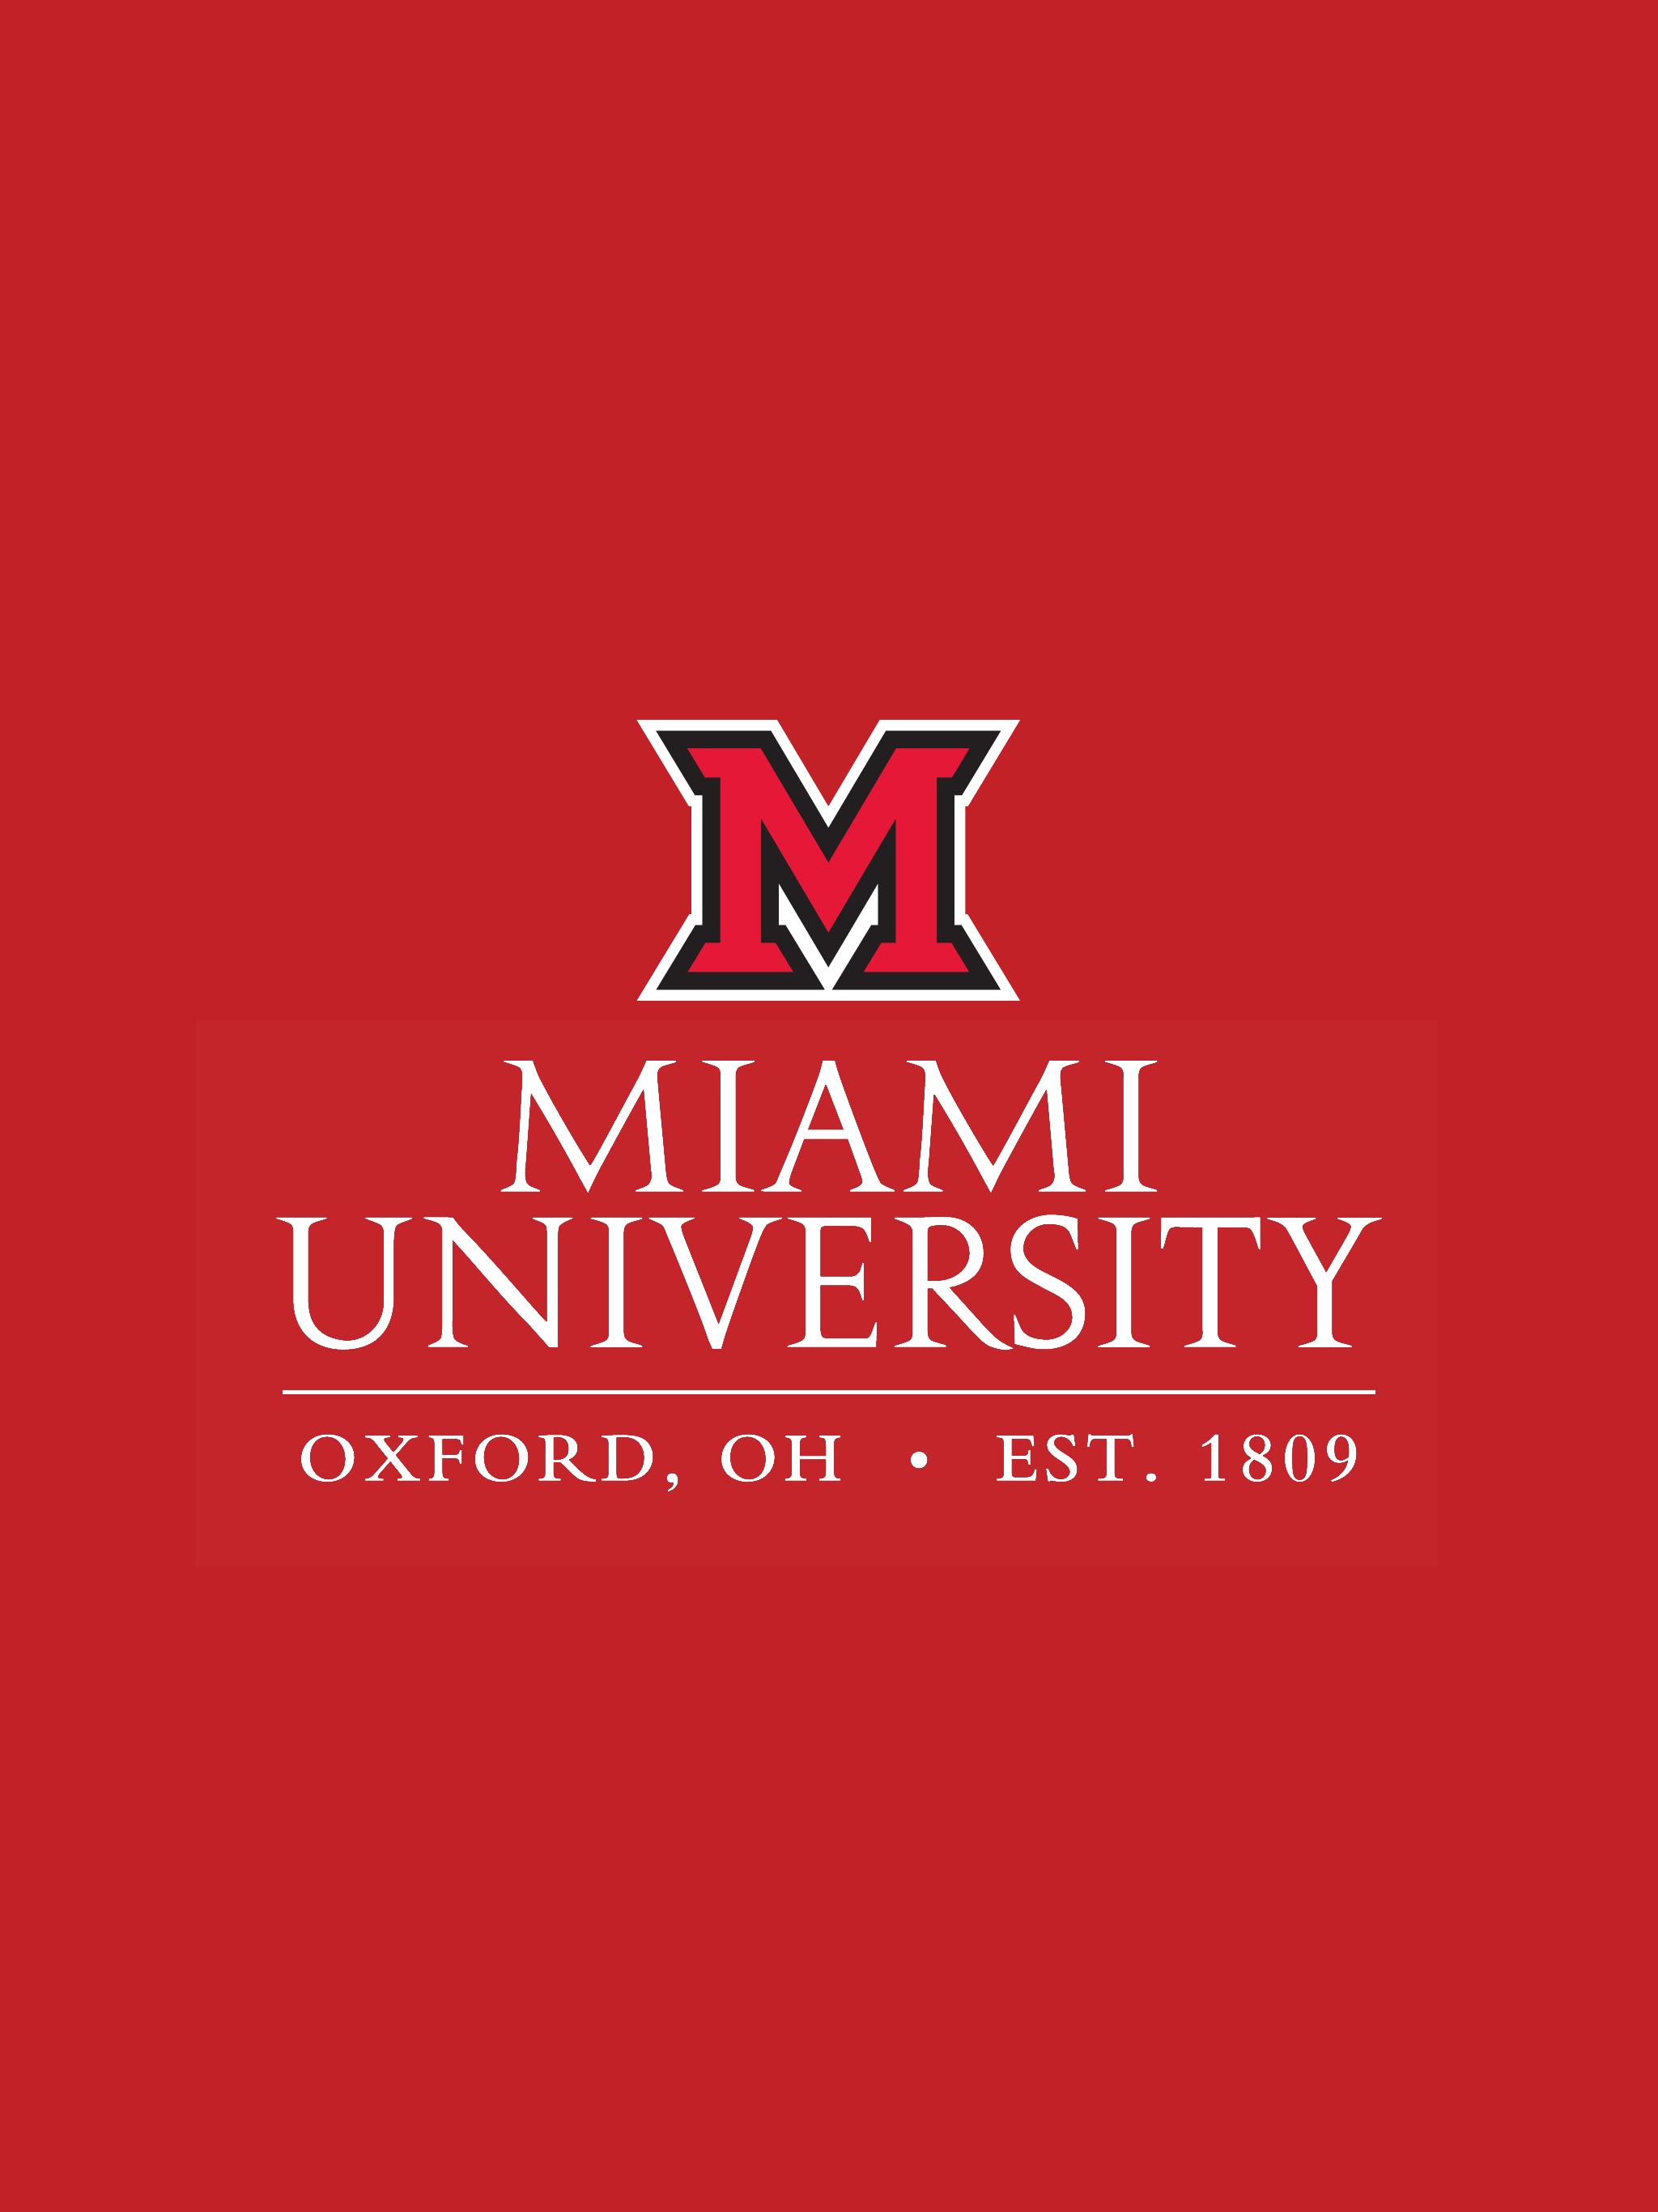 miami university app